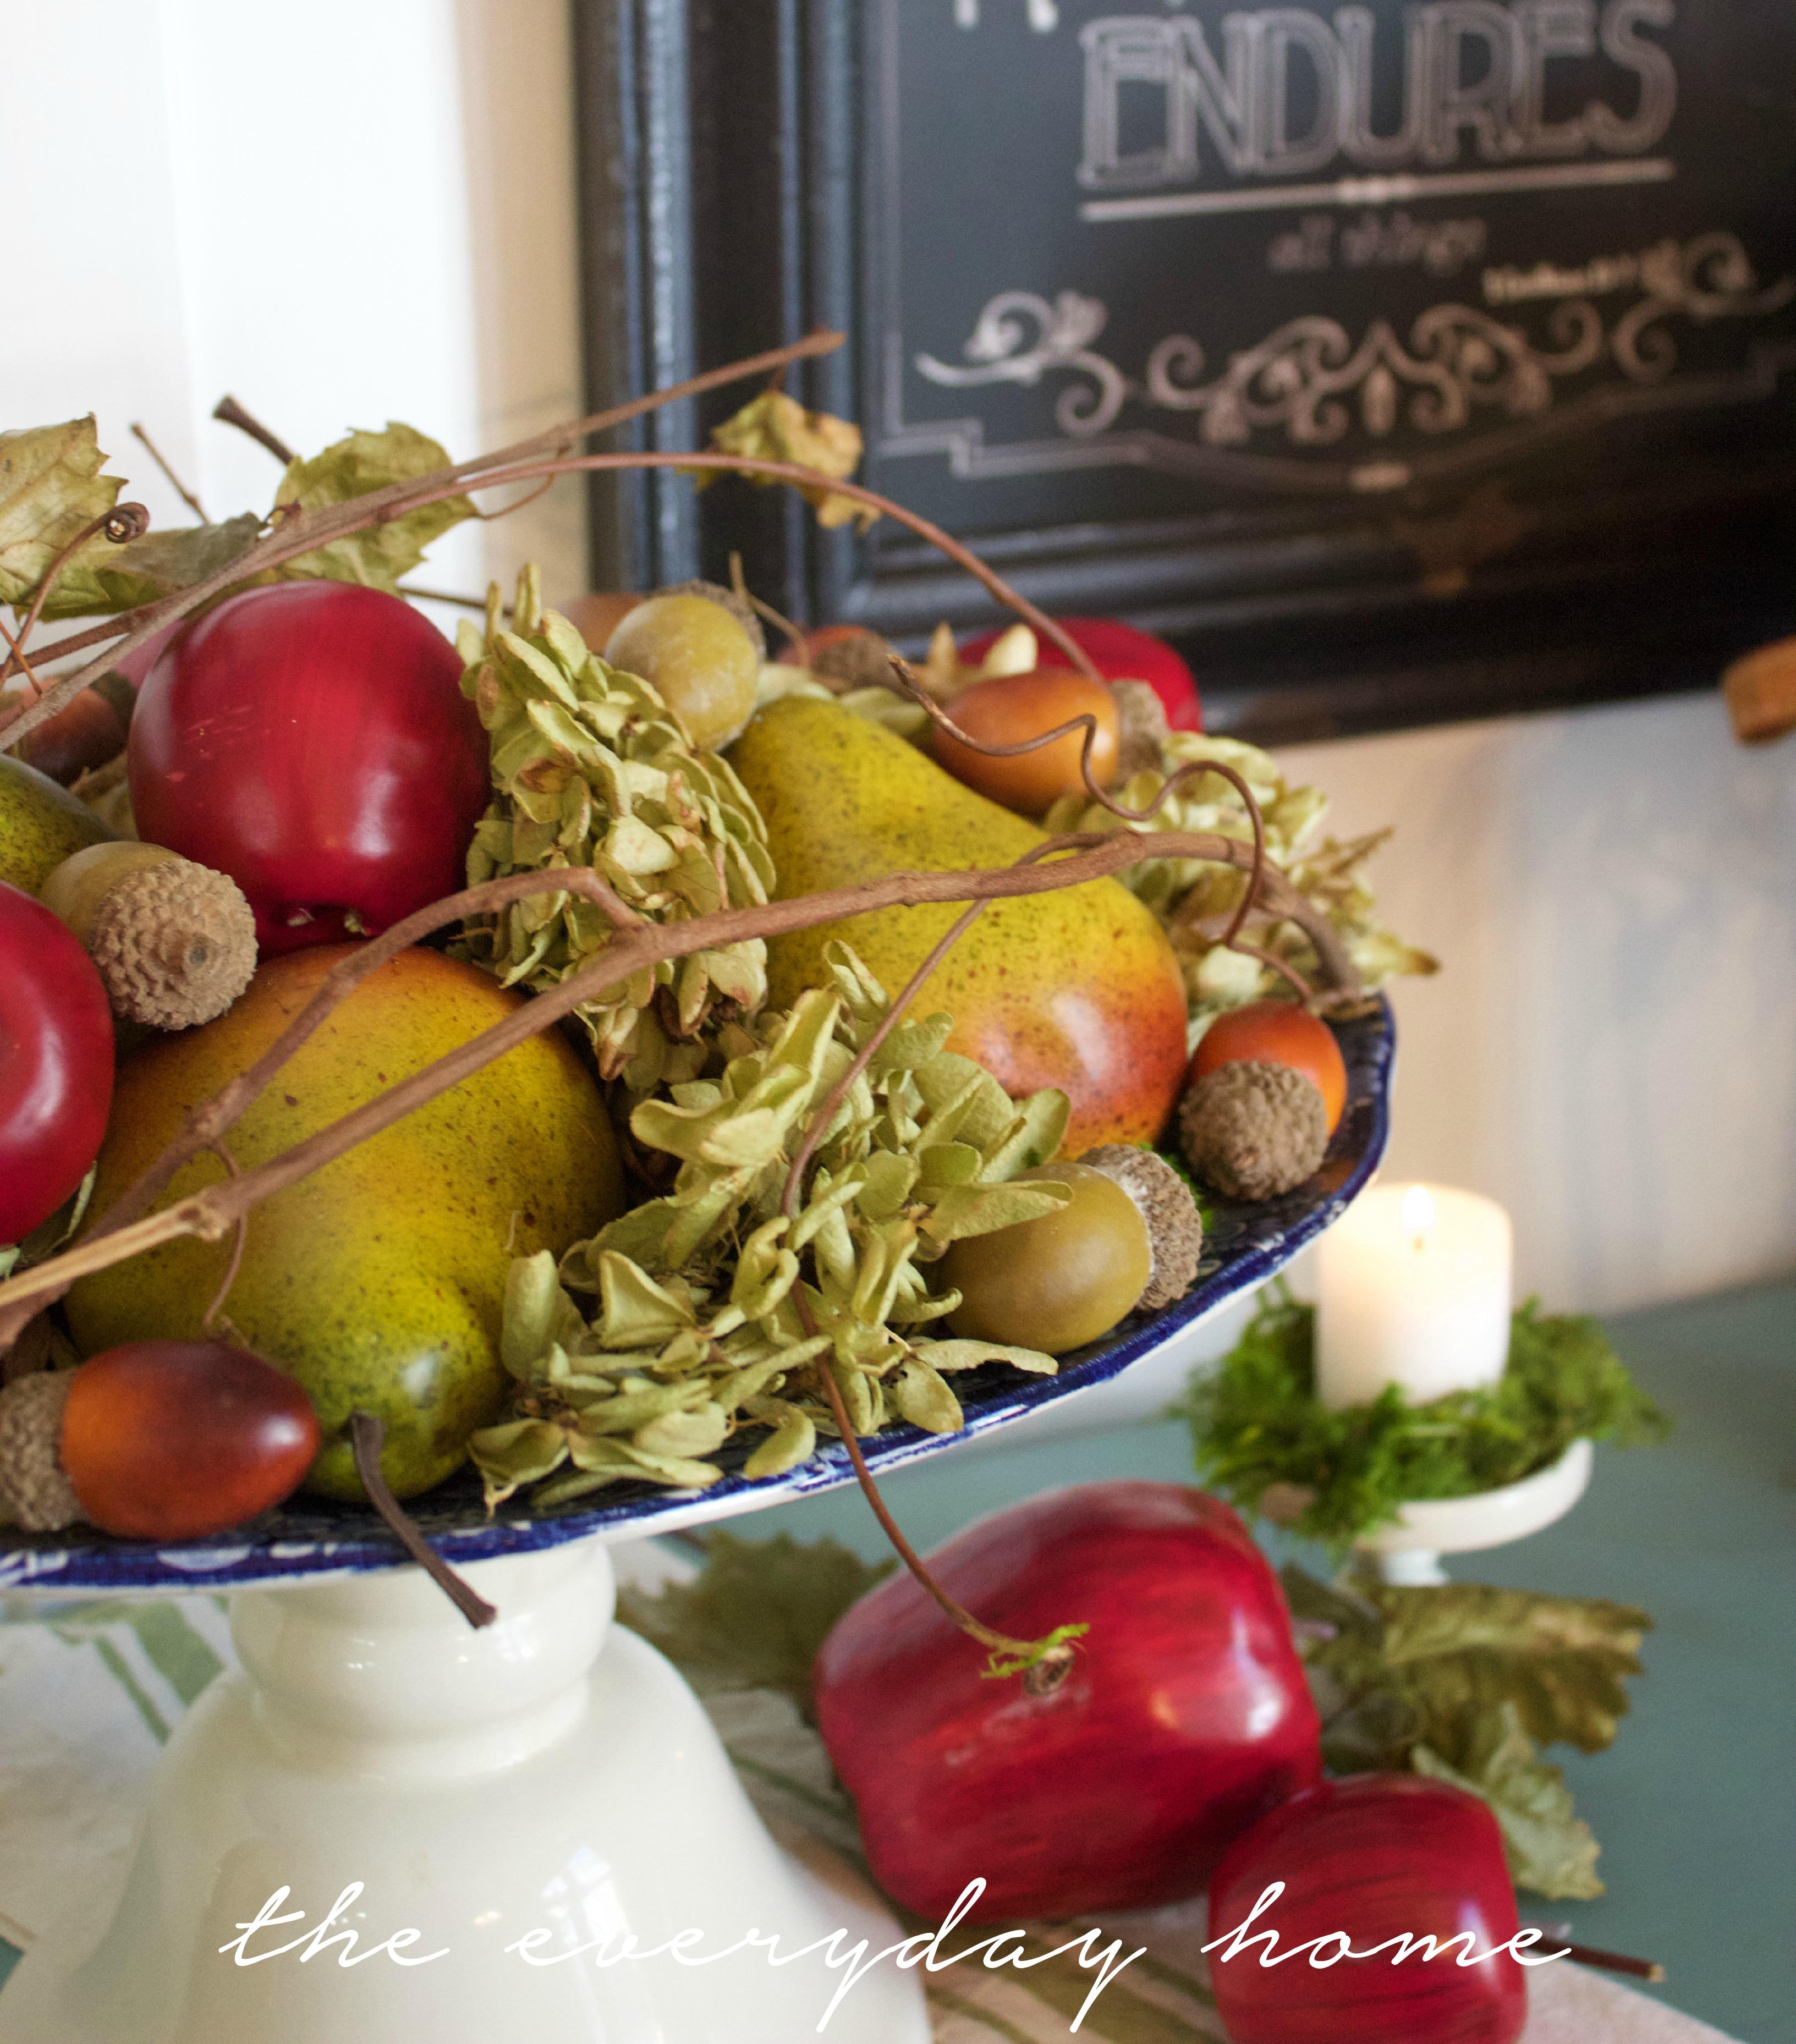 Creating a Farmhouse Harvest Platter | The Everyday Home | www.everydayhomeblog.com